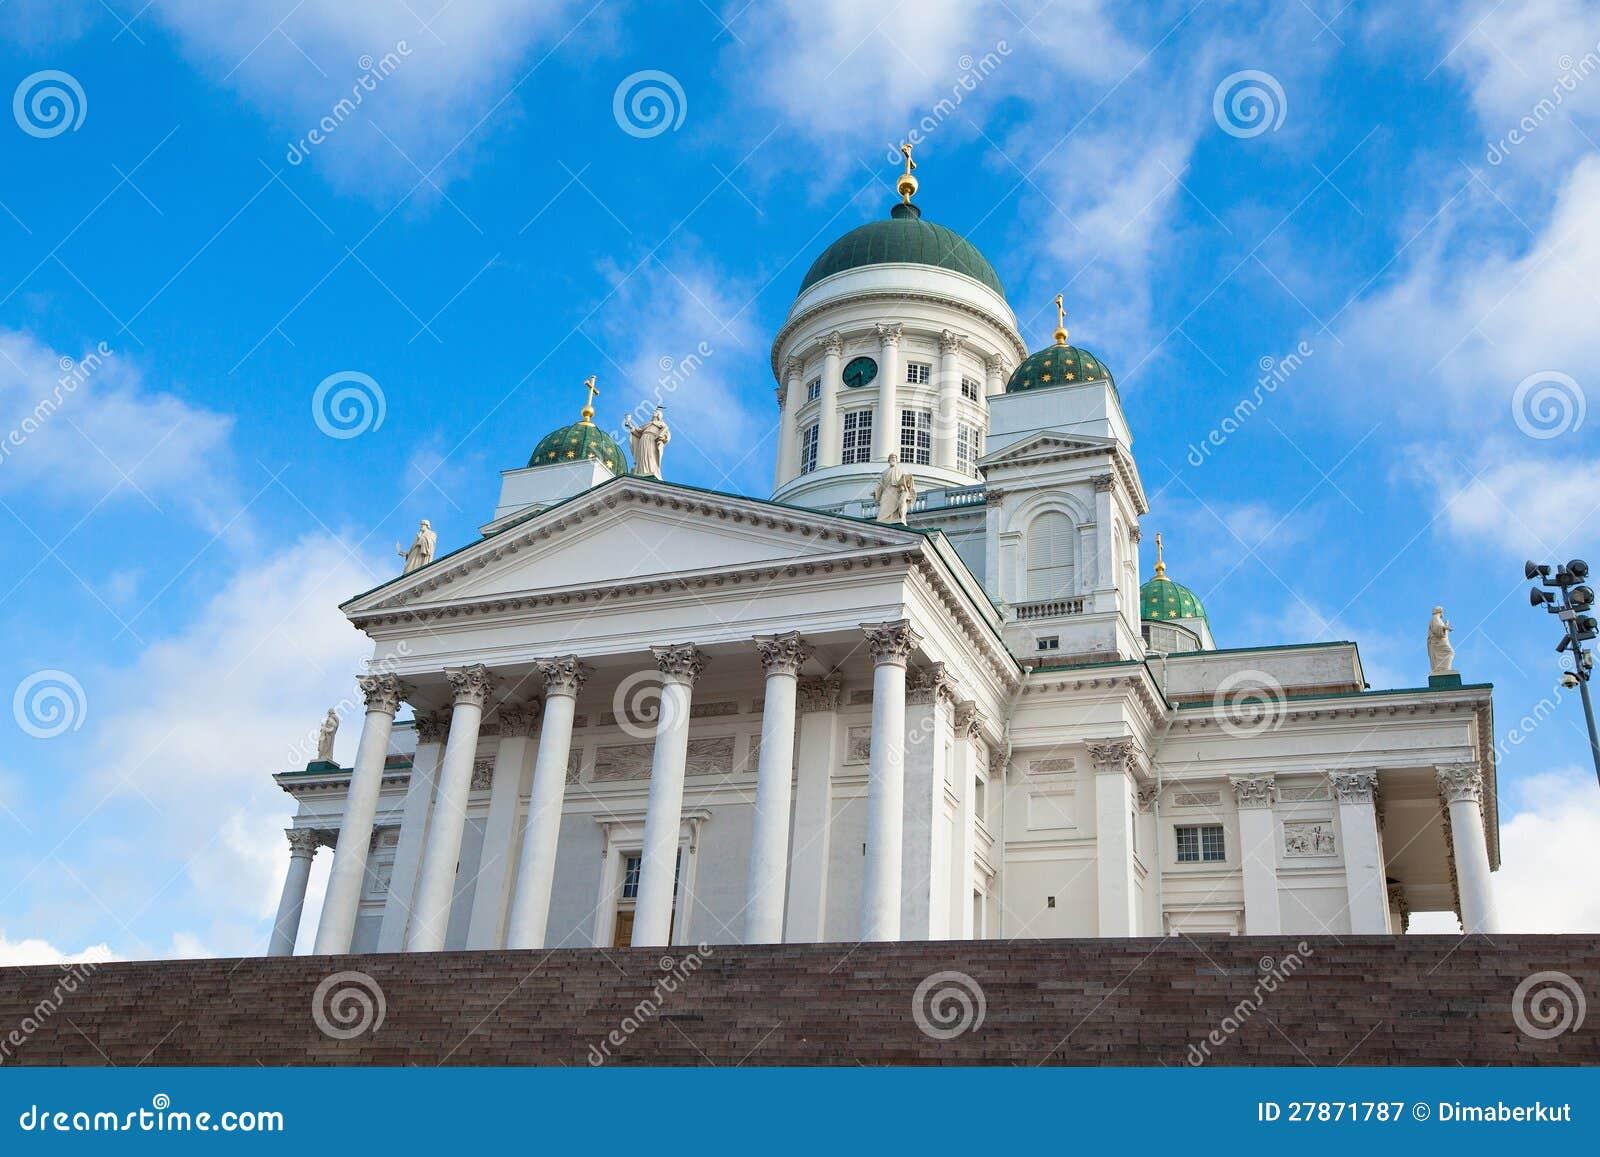 Καθεδρικός ναός στο τετράγωνο Συγκλήτου στο Ελσίνκι